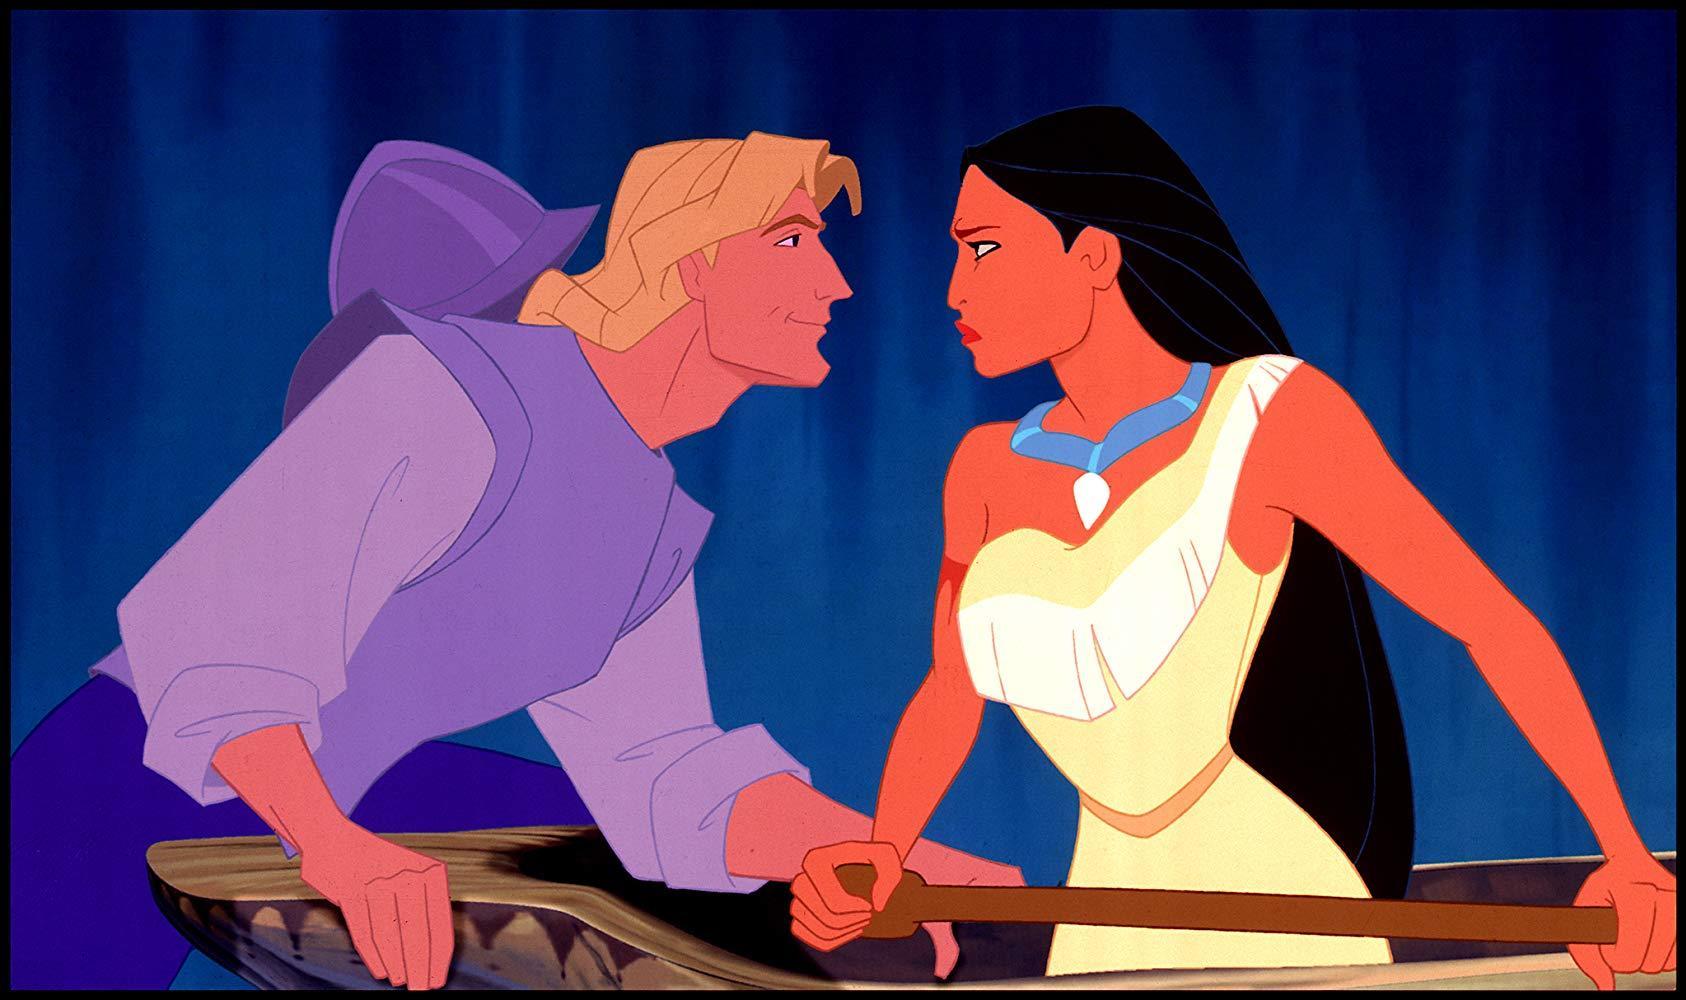 مشاهدة فيلم Pocahontas 1995 HD مترجم كامل اون لاين